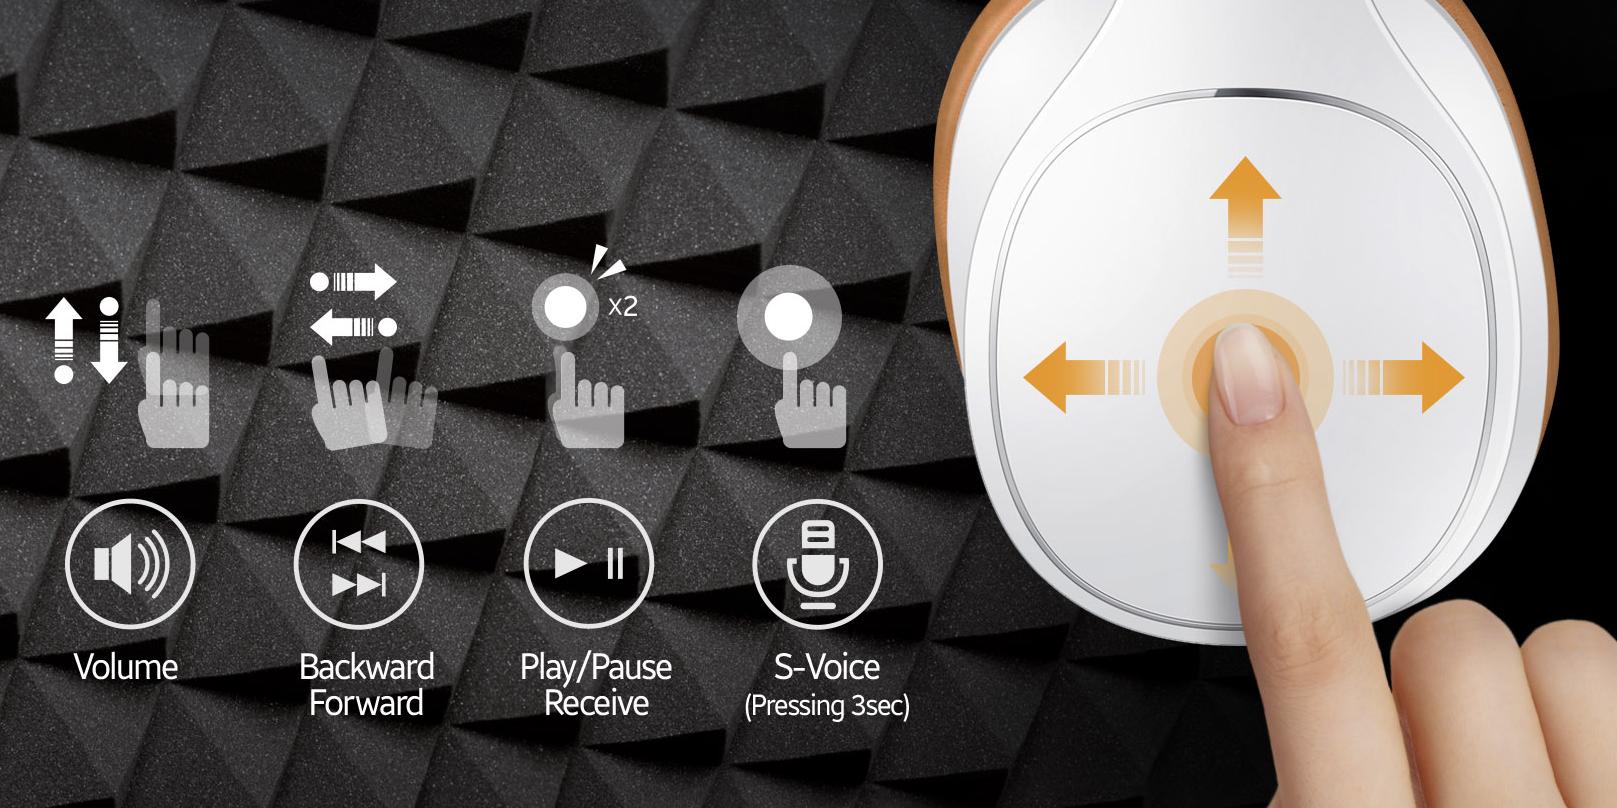 Du kan styre lyden med fingerberøringer på utsiden av høyre øreklokke. Kontrollene er presise og enkle.